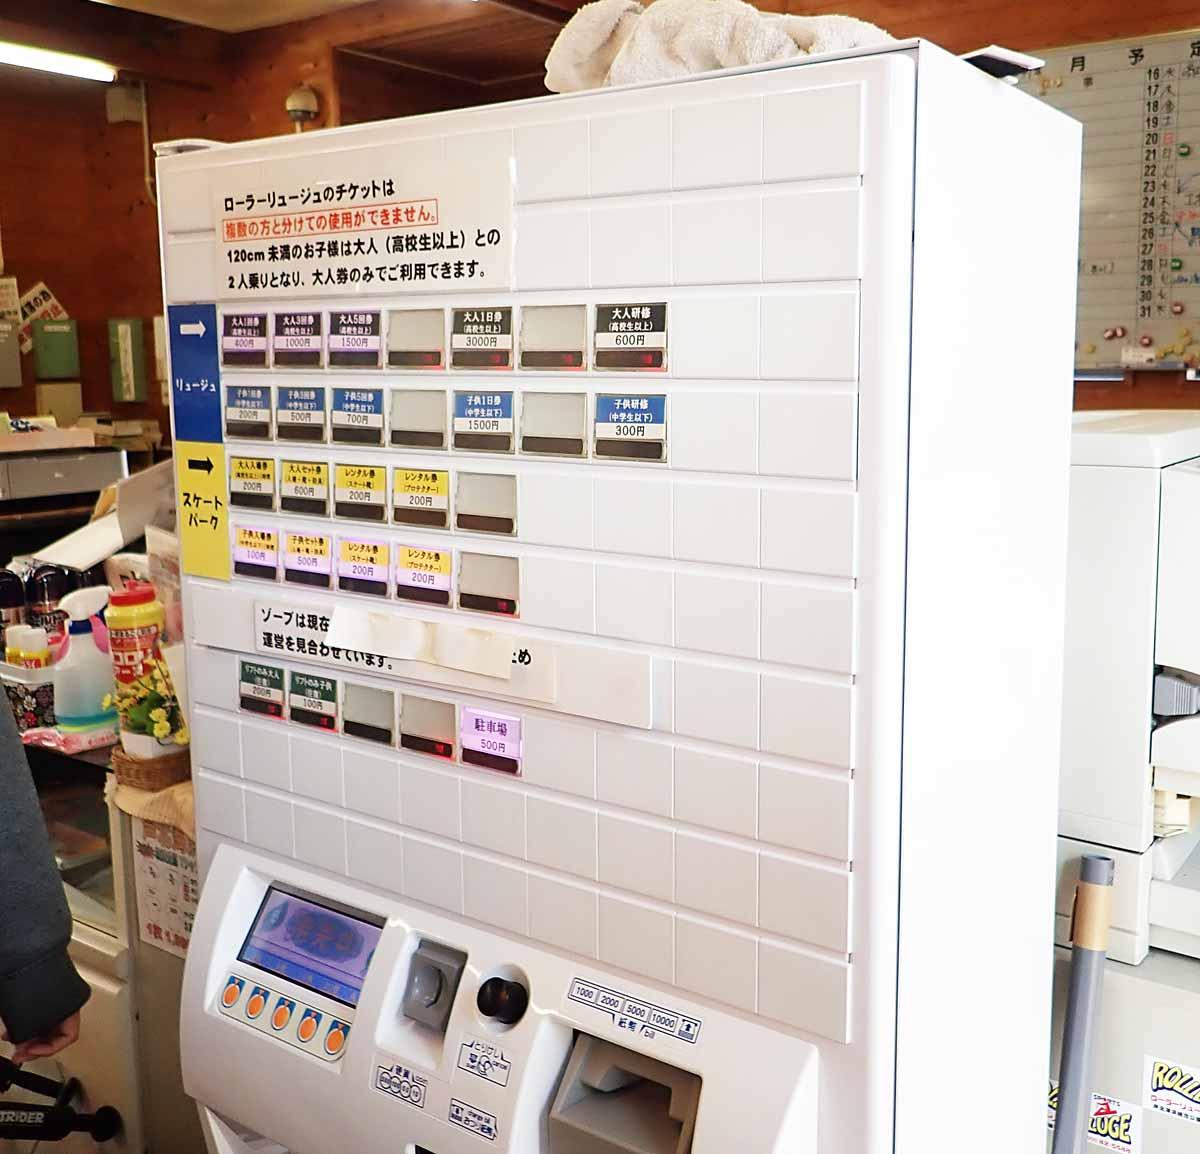 ローラーリュージュの券売機